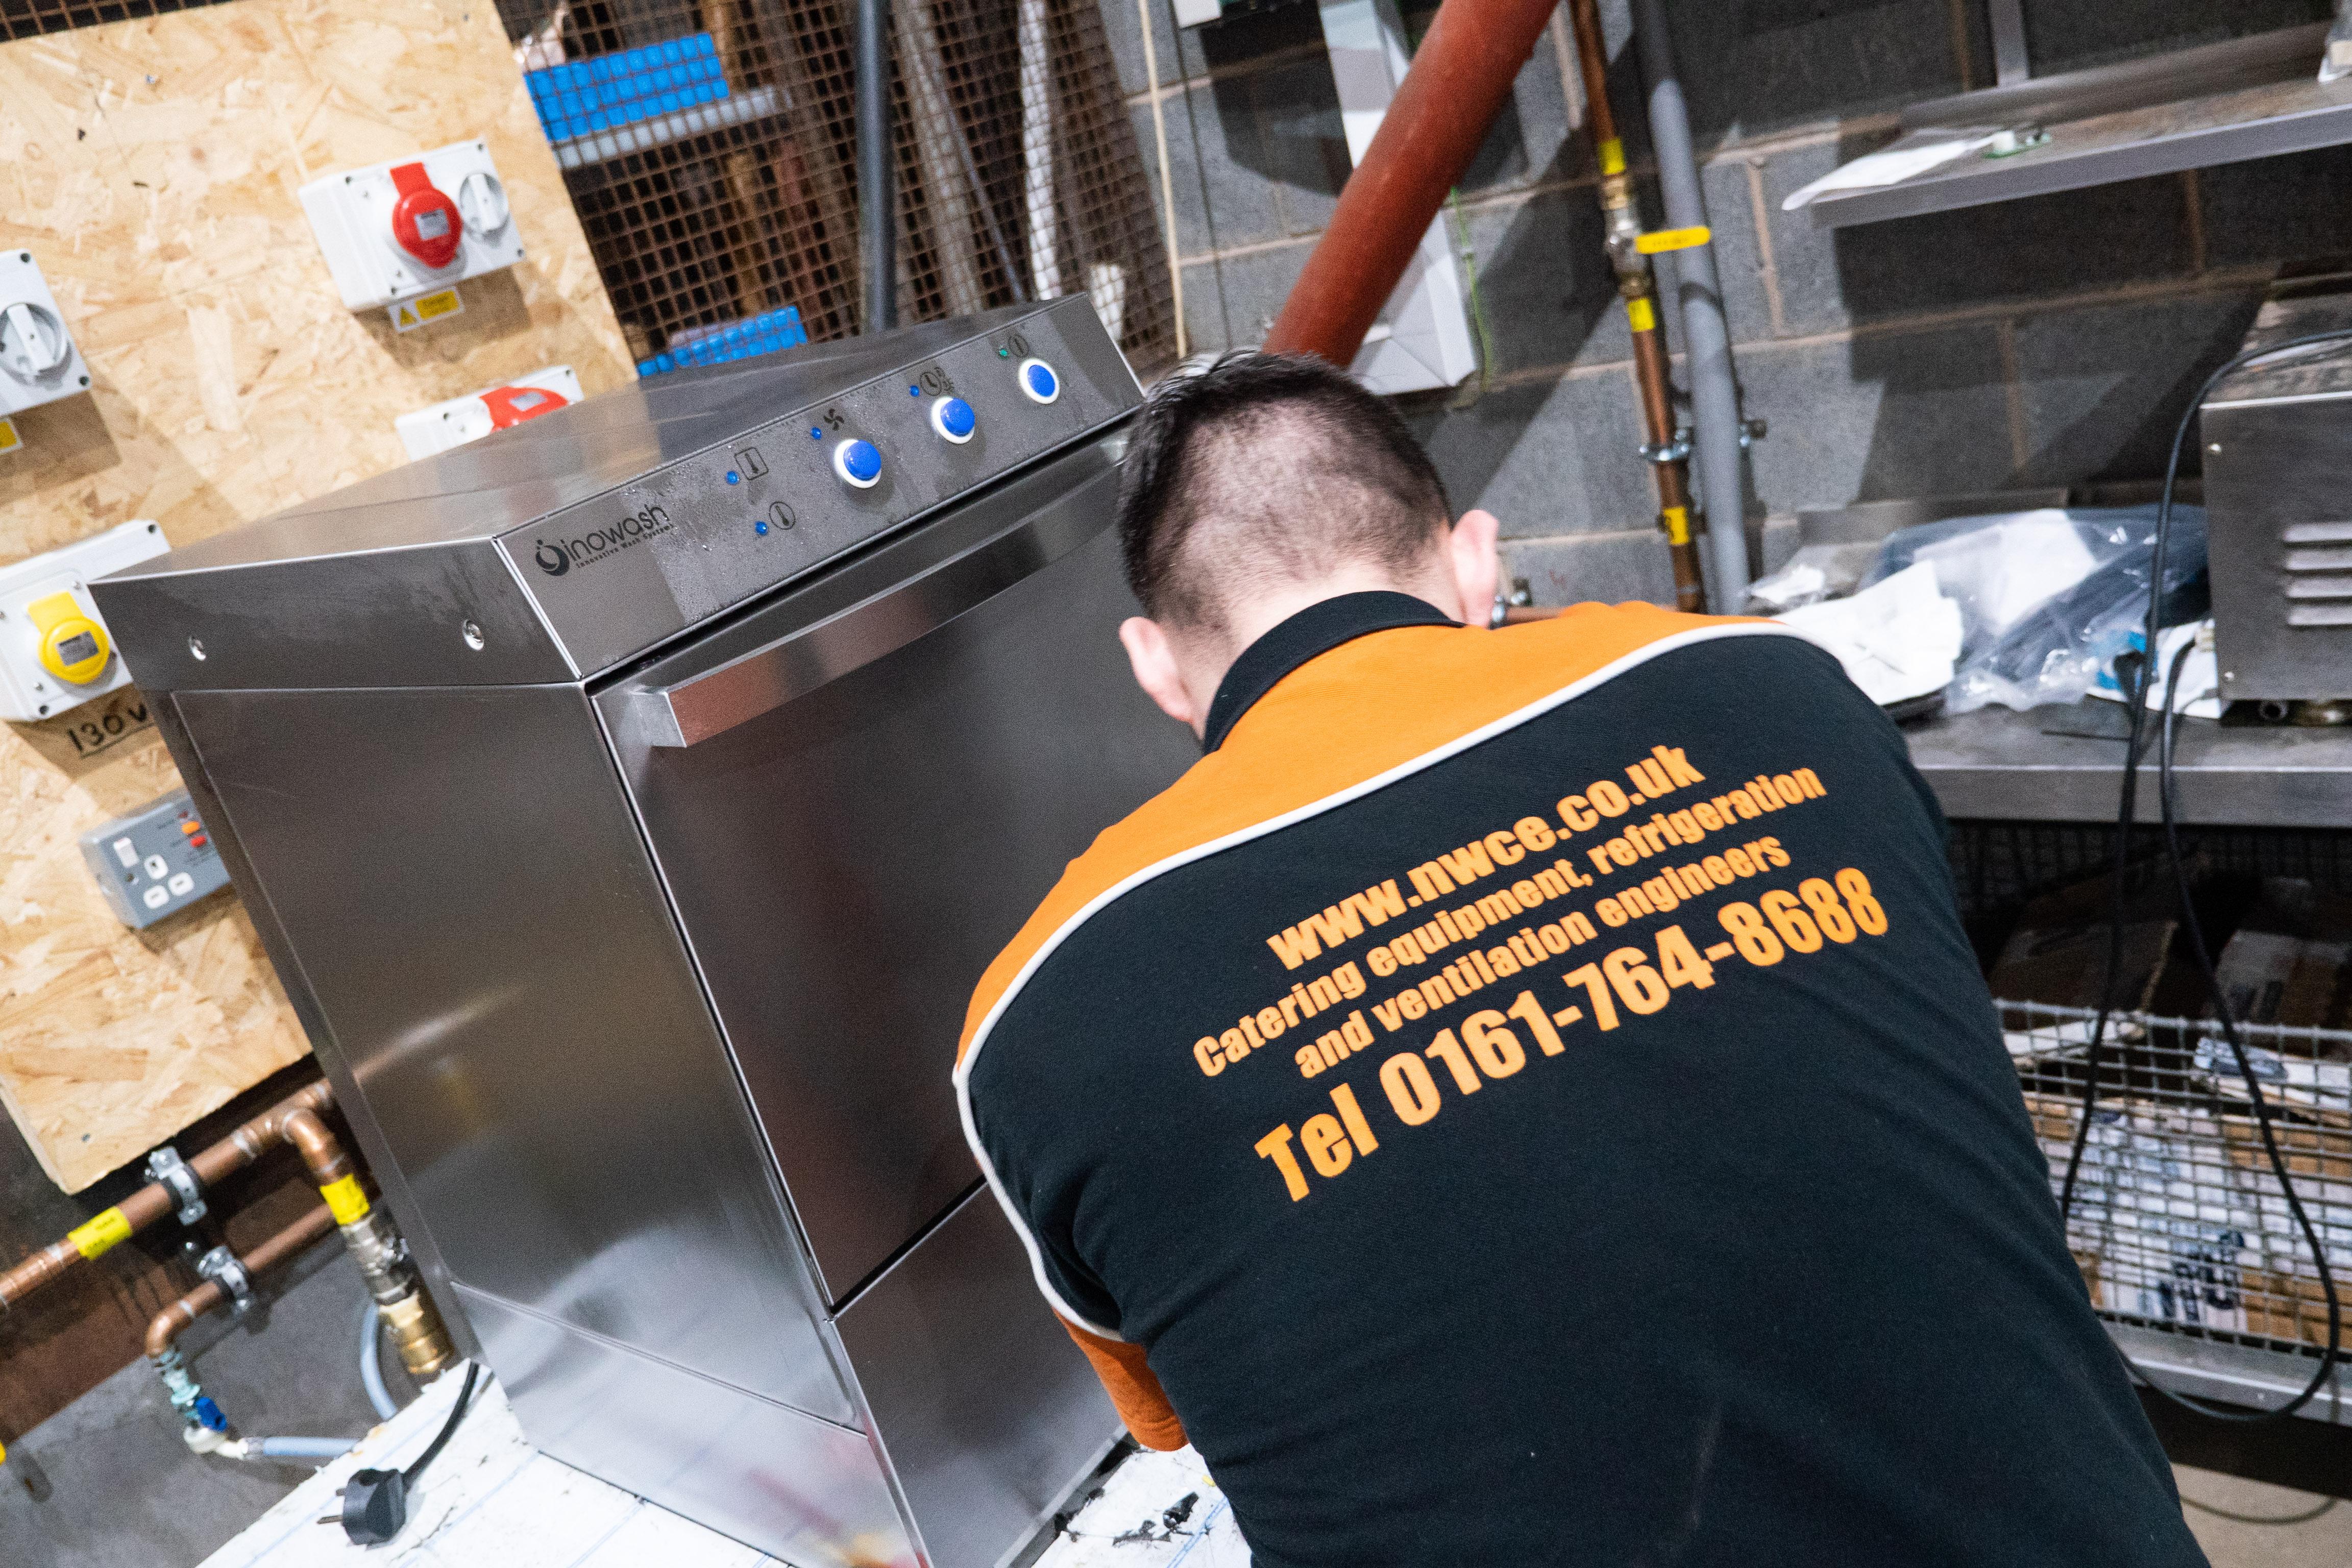 NWCE dishwasher service